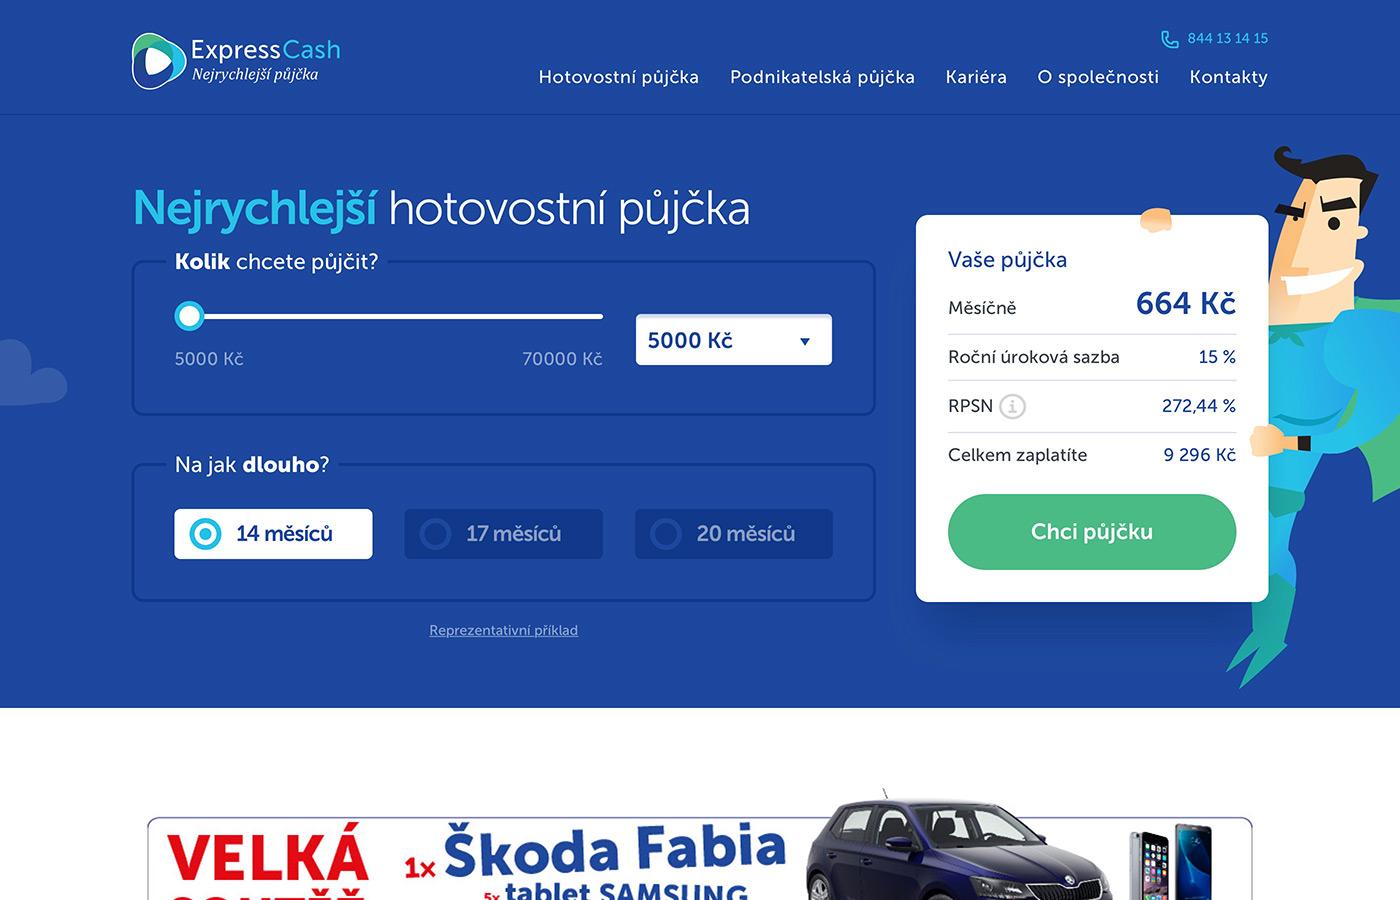 Webové stránky https://www.expresscash.cz